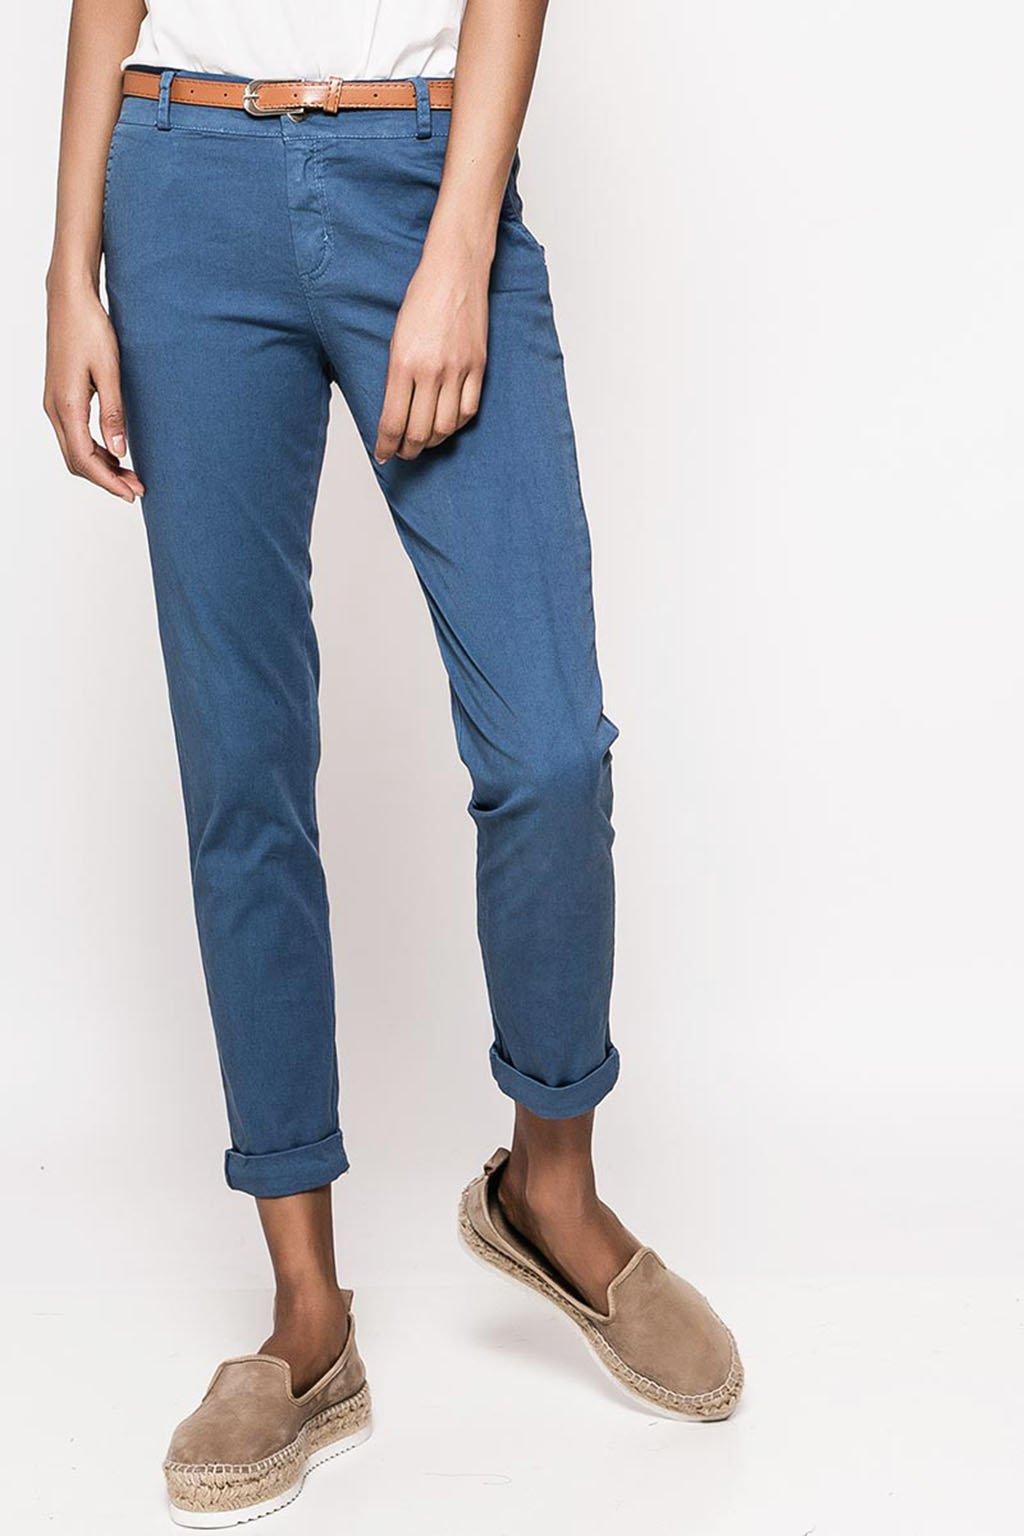 Modré dámské bavlněné kalhoty